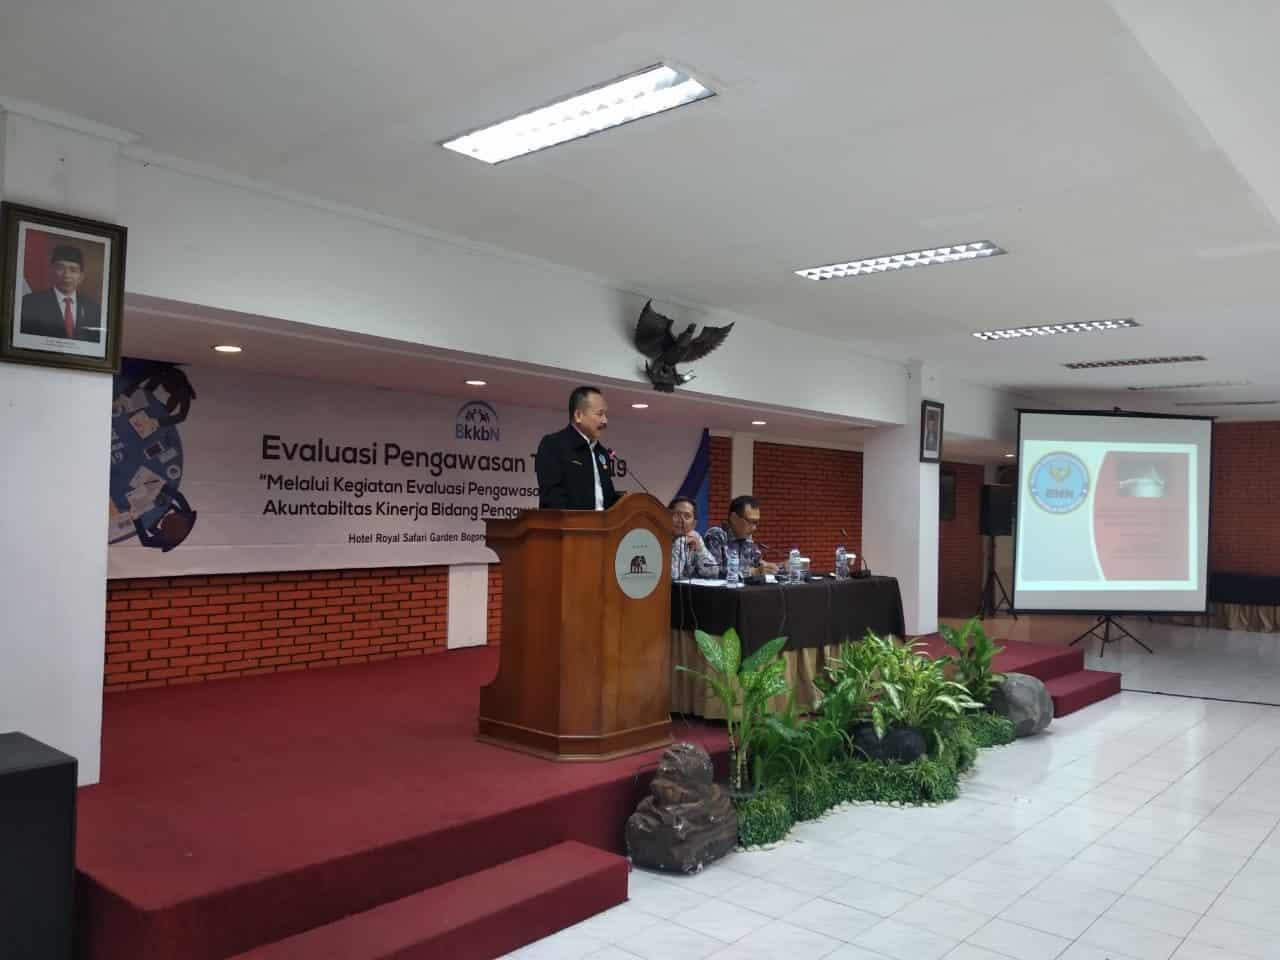 Plt. Irtama Menjadi Narasumber Sistem Manajemen Anti Suap di BKKBN